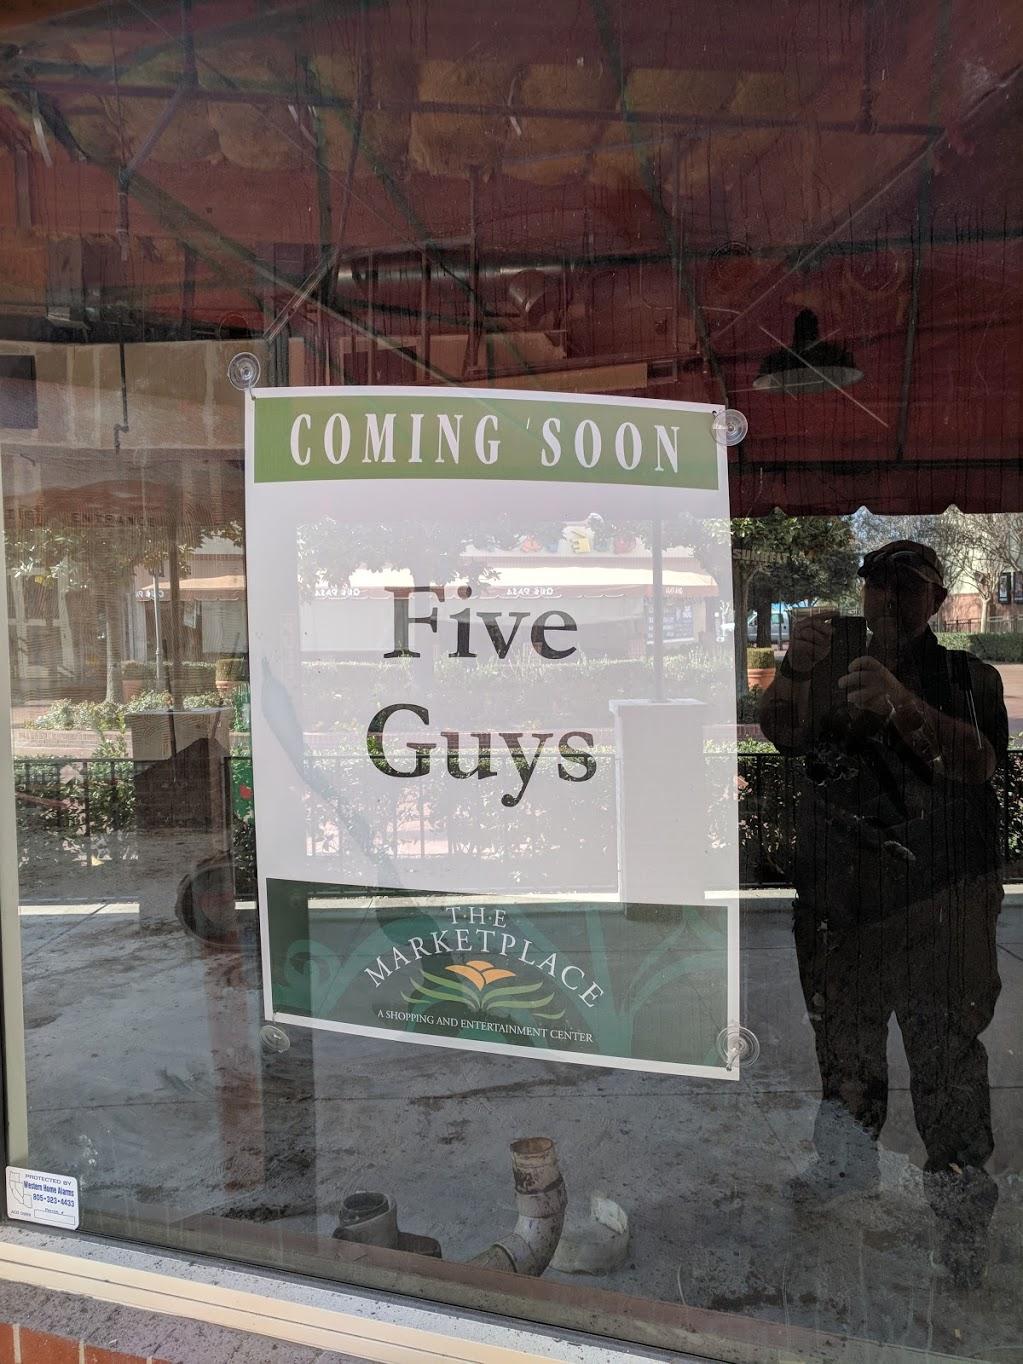 Five Guys Coming Soon.jpg